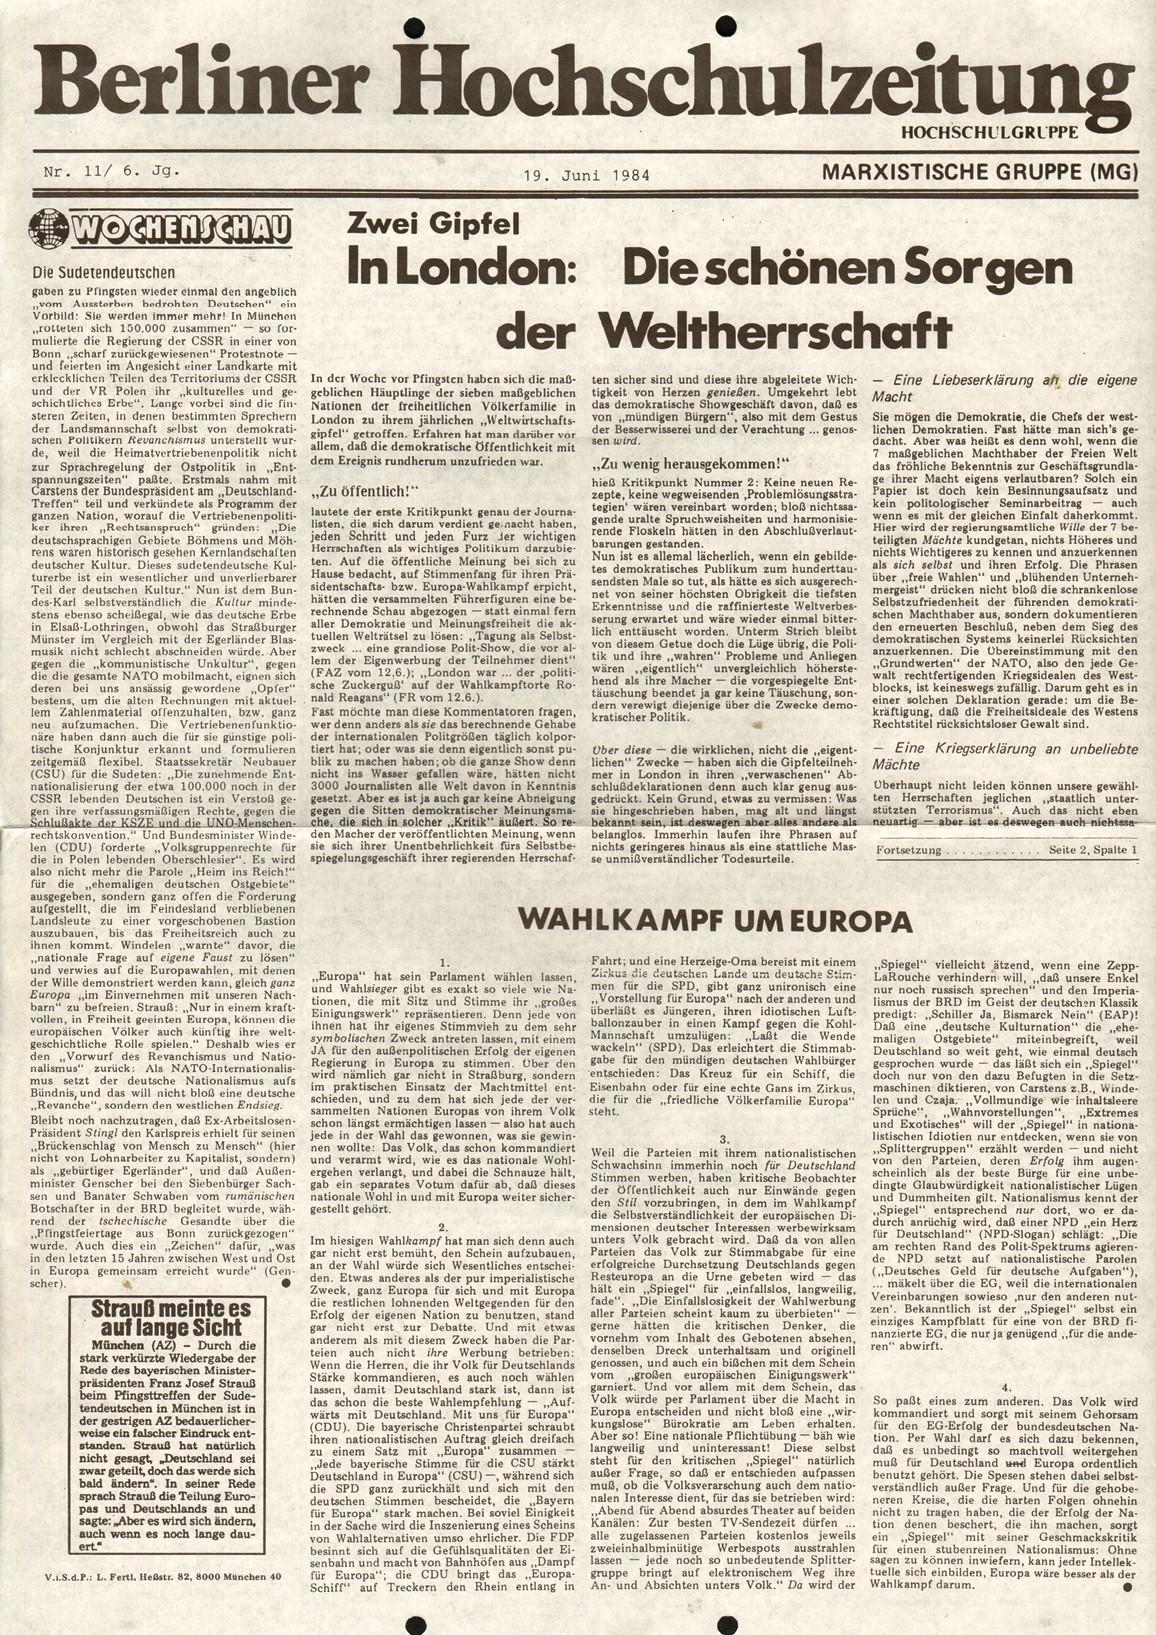 Berlin_MG_Hochschulzeitung_19840619_01